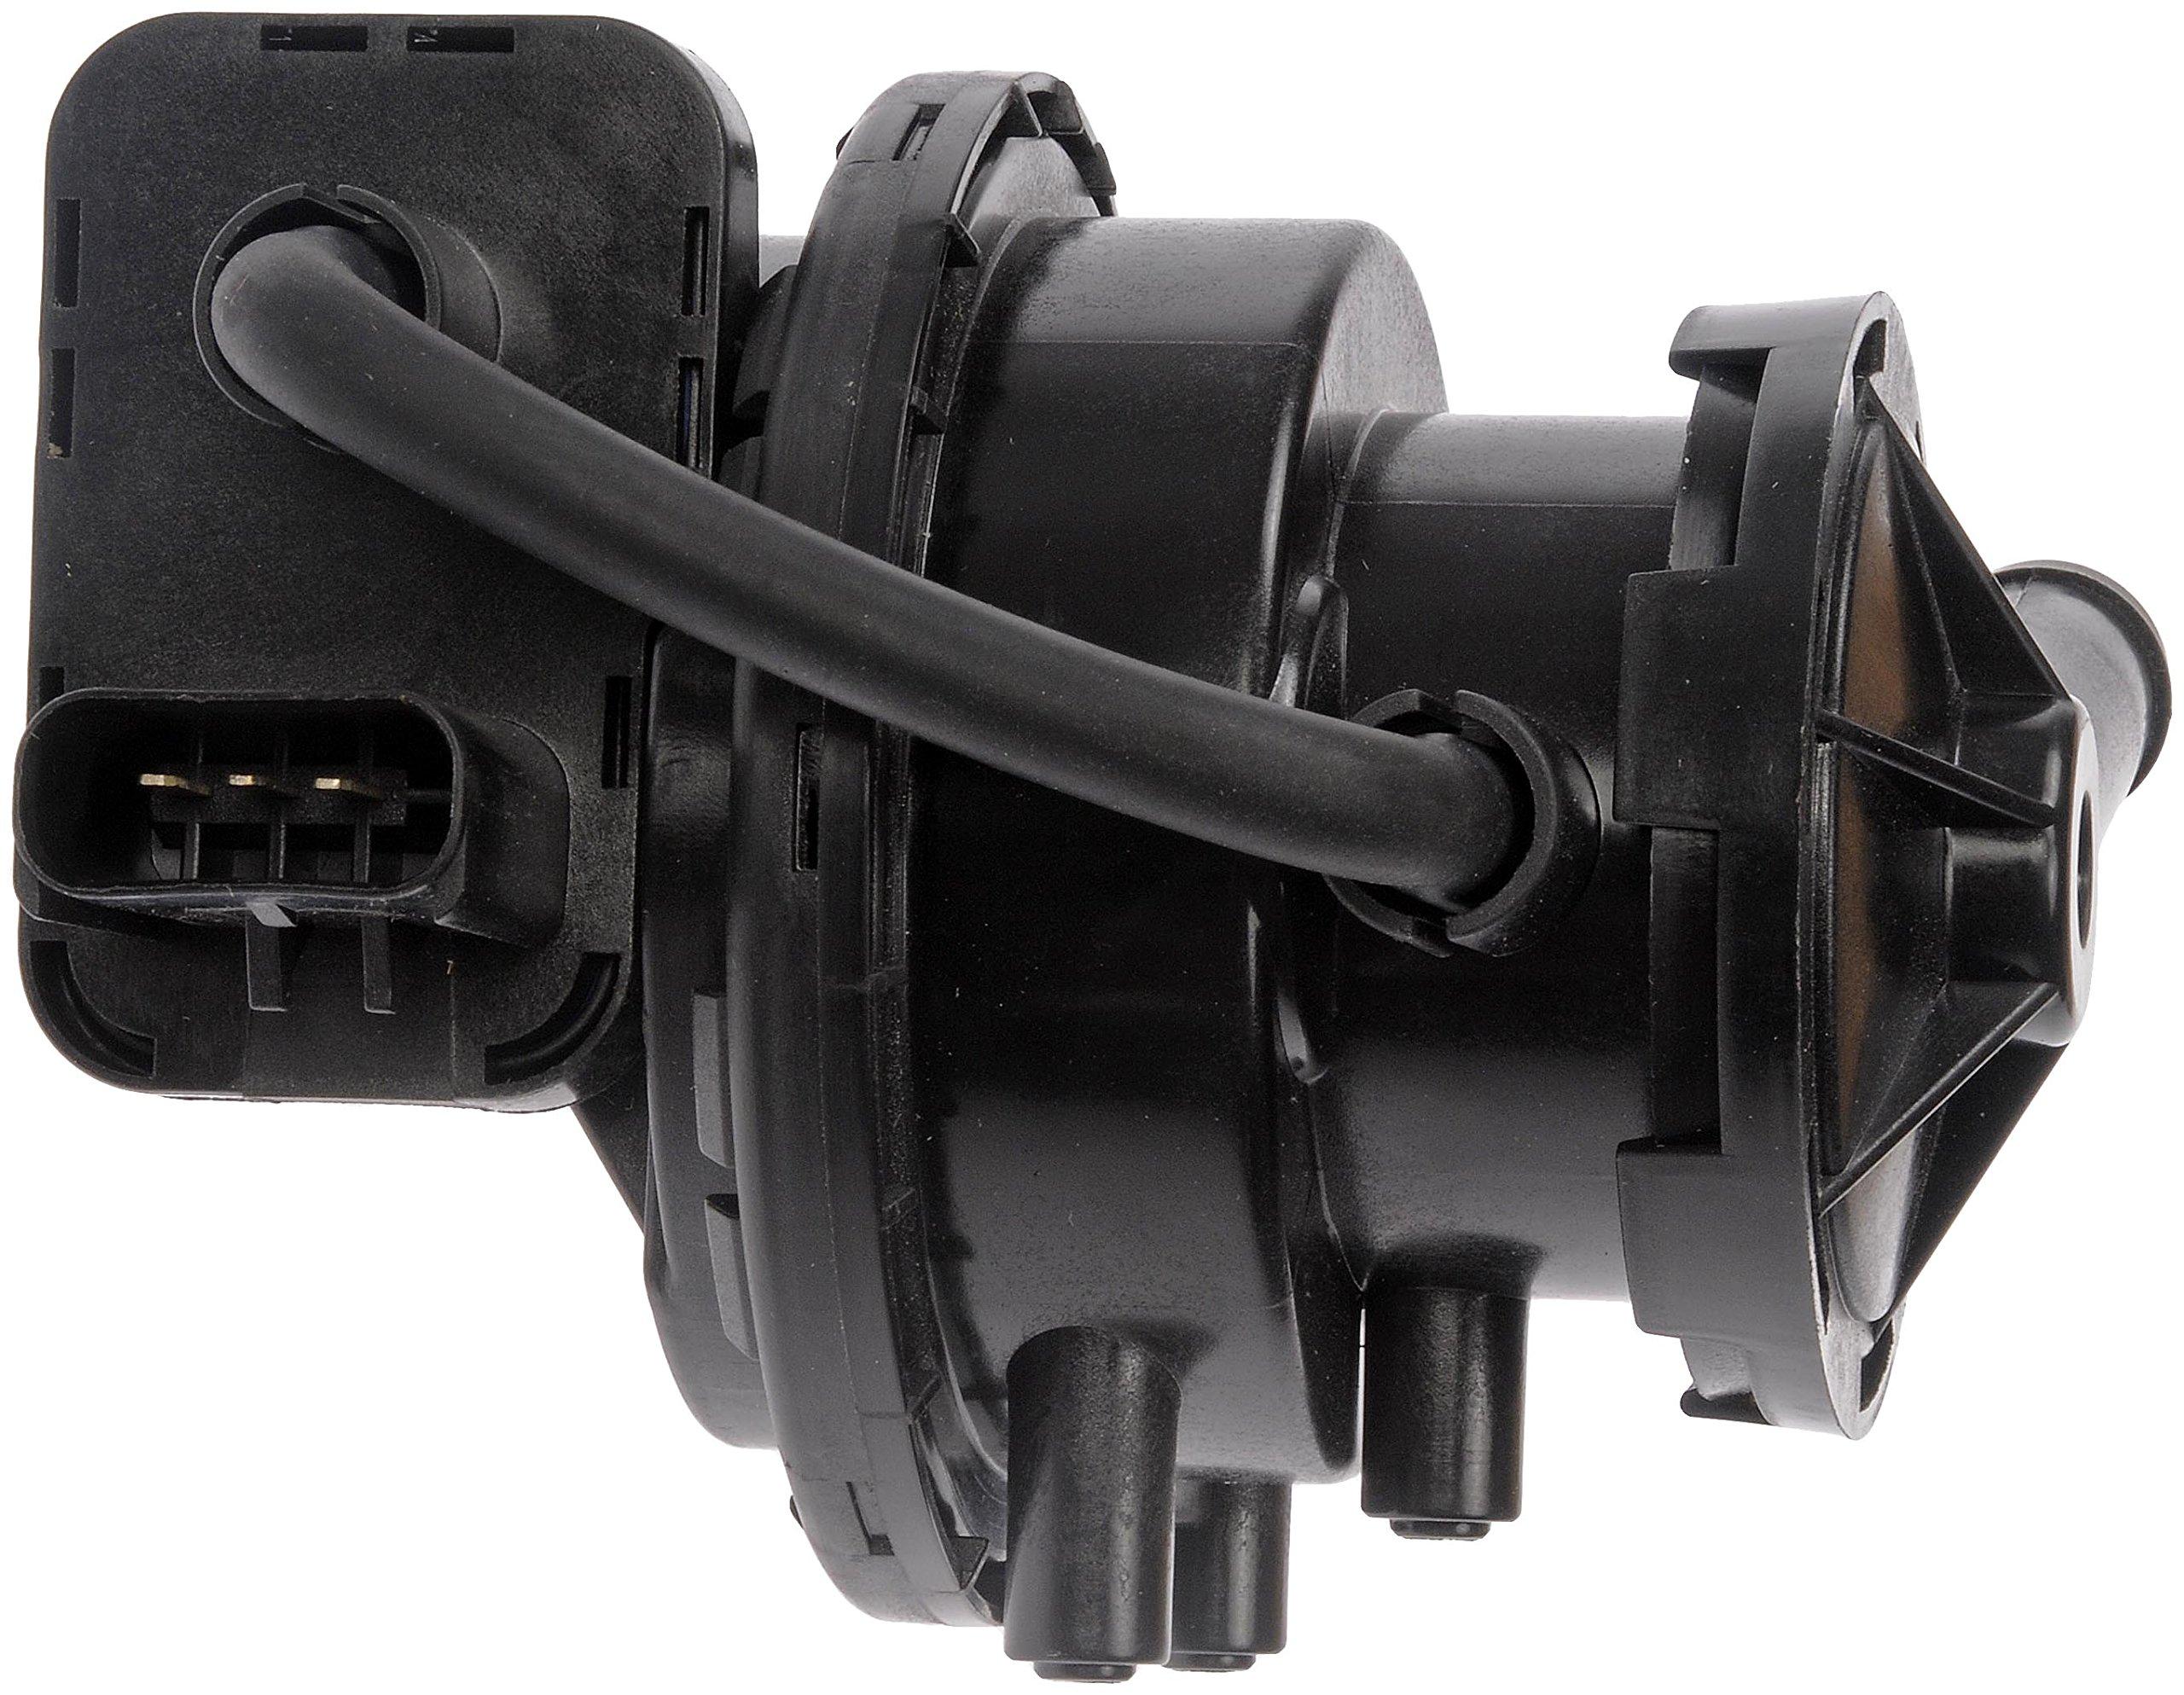 Dorman 310-211 Fuel Vapor Leak Detection Pump by Dorman (Image #3)